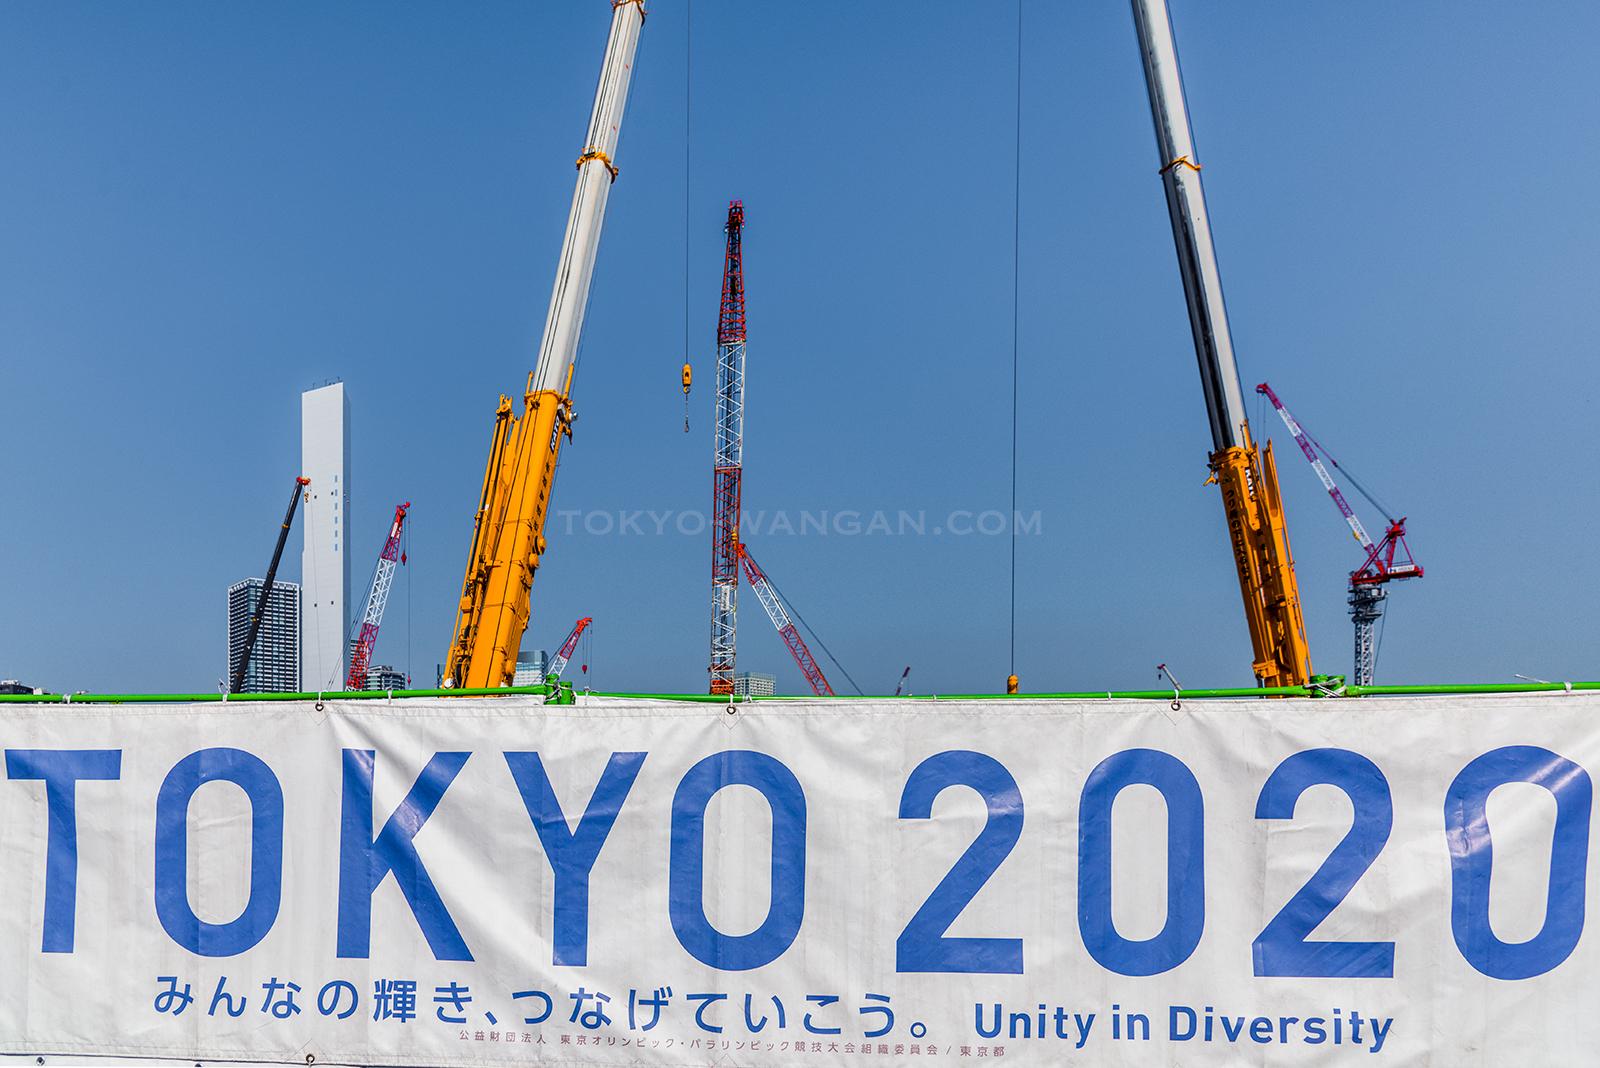 2020東京オリンピック晴海選手村の建設状況(2017年10月下旬)